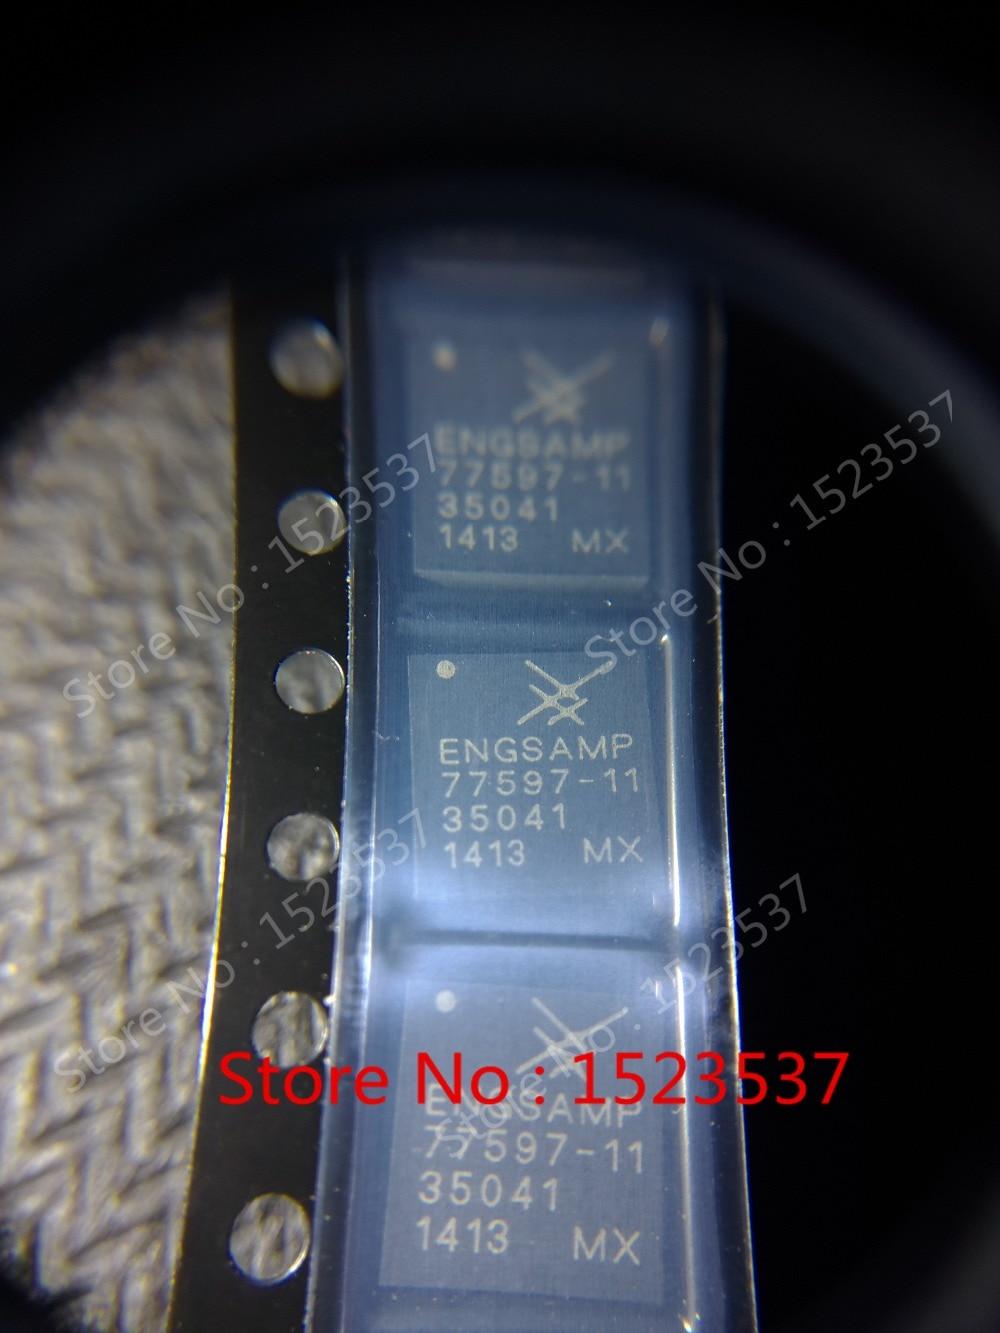 5 Ic Sky77597 11 77597 1 Cpu Msm8917 2aa Aliexpress